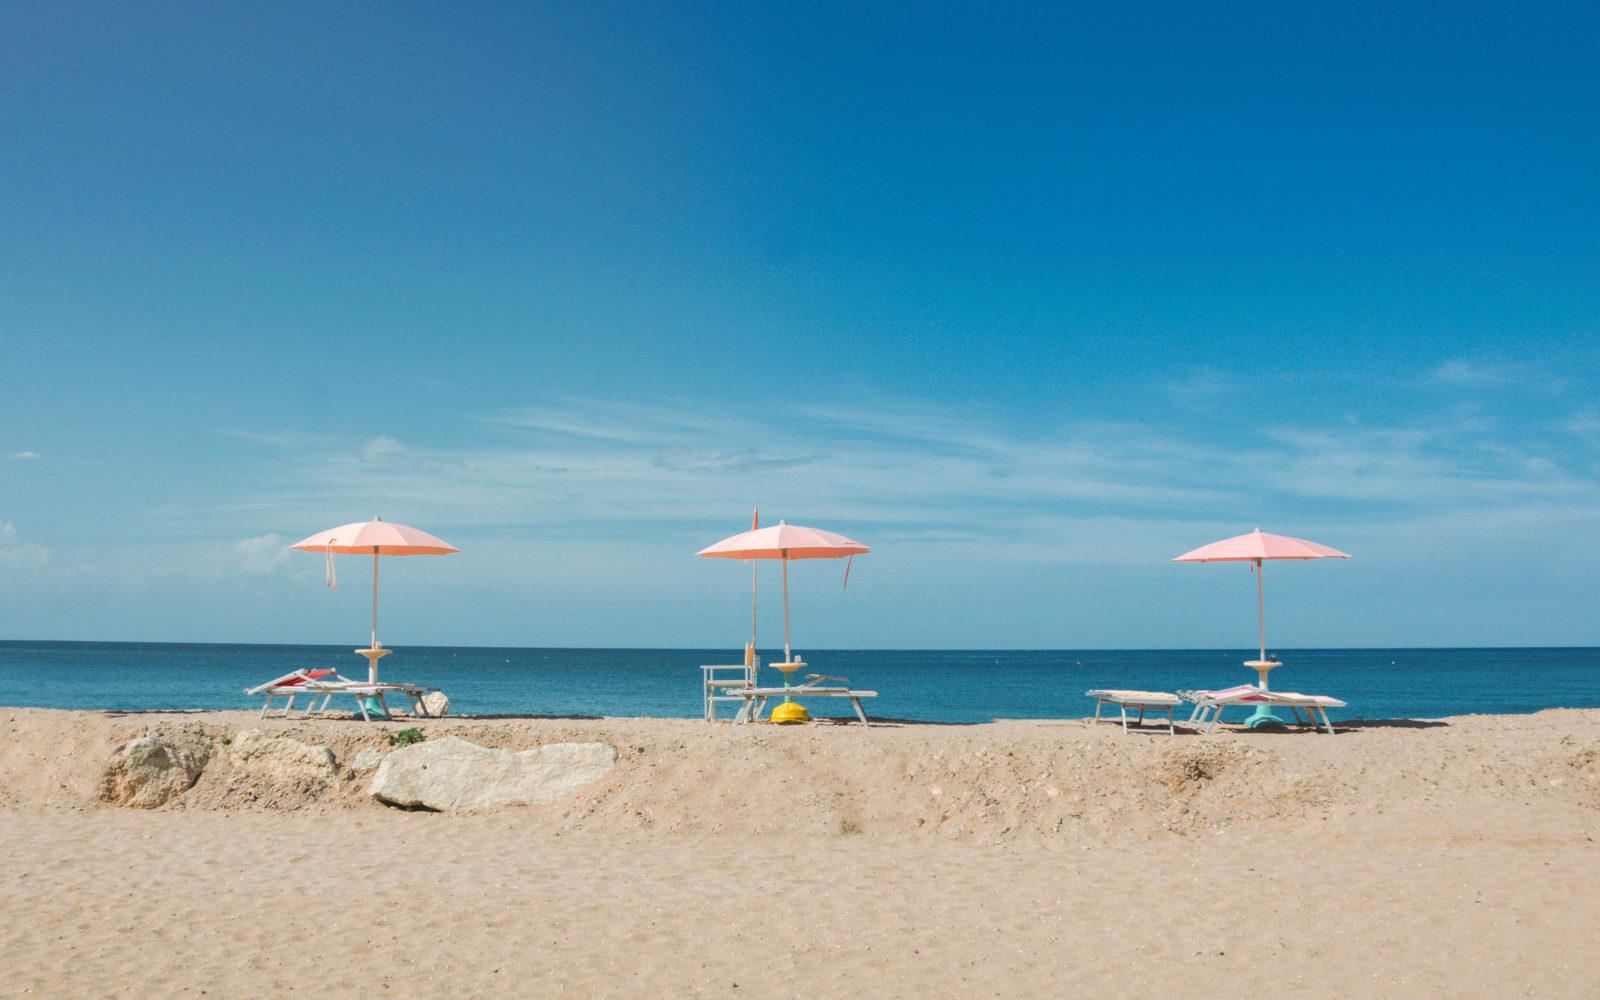 Sandstrand, Meer, blauer Himmel und Sonnenschirme